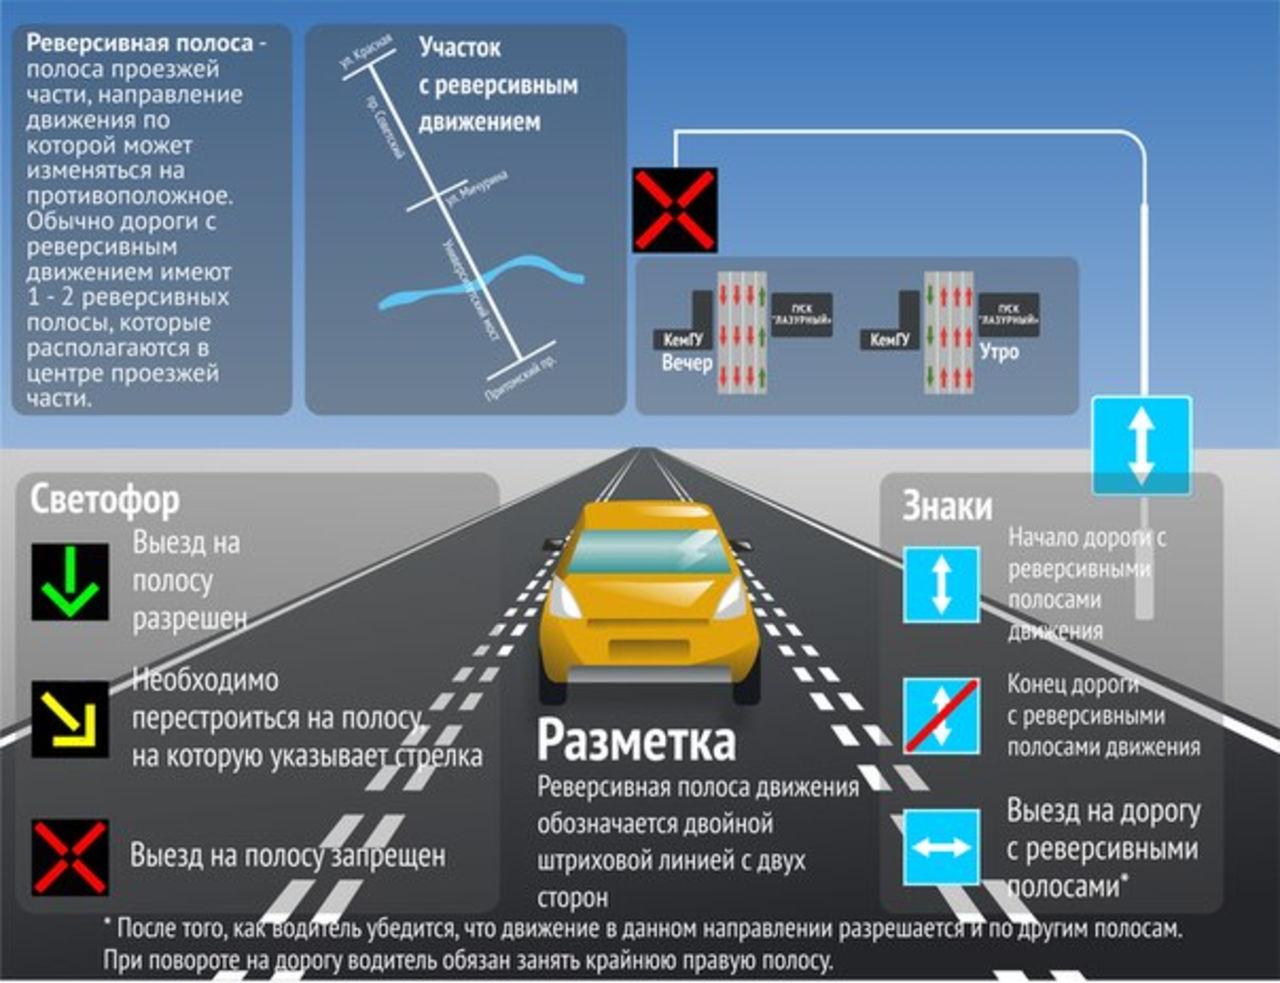 Реверсивное движение что это, как двигаться на дорогах с реверсом